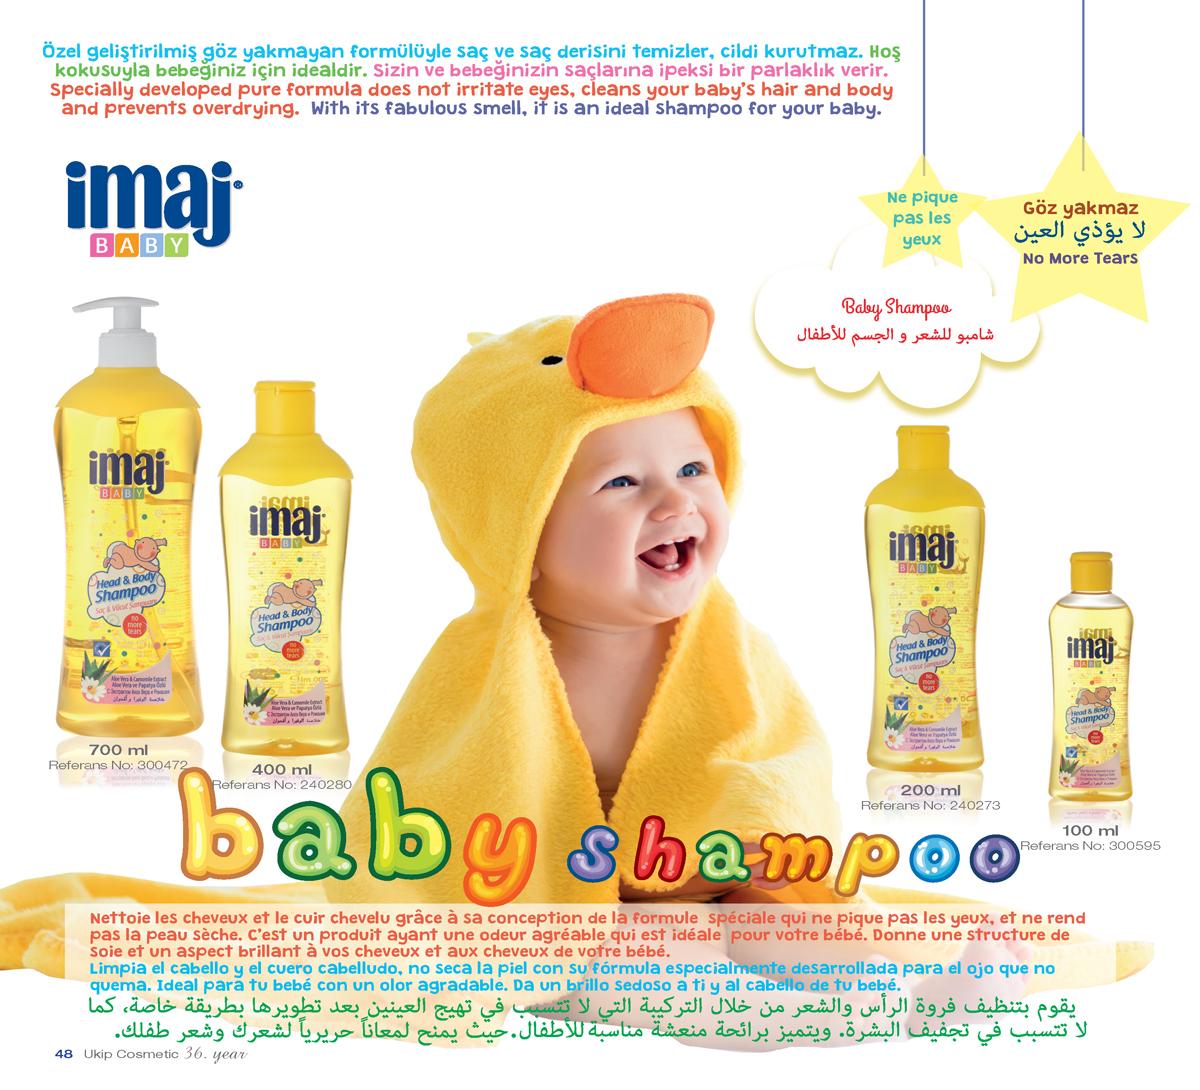 Imaj baby head and body shampoo